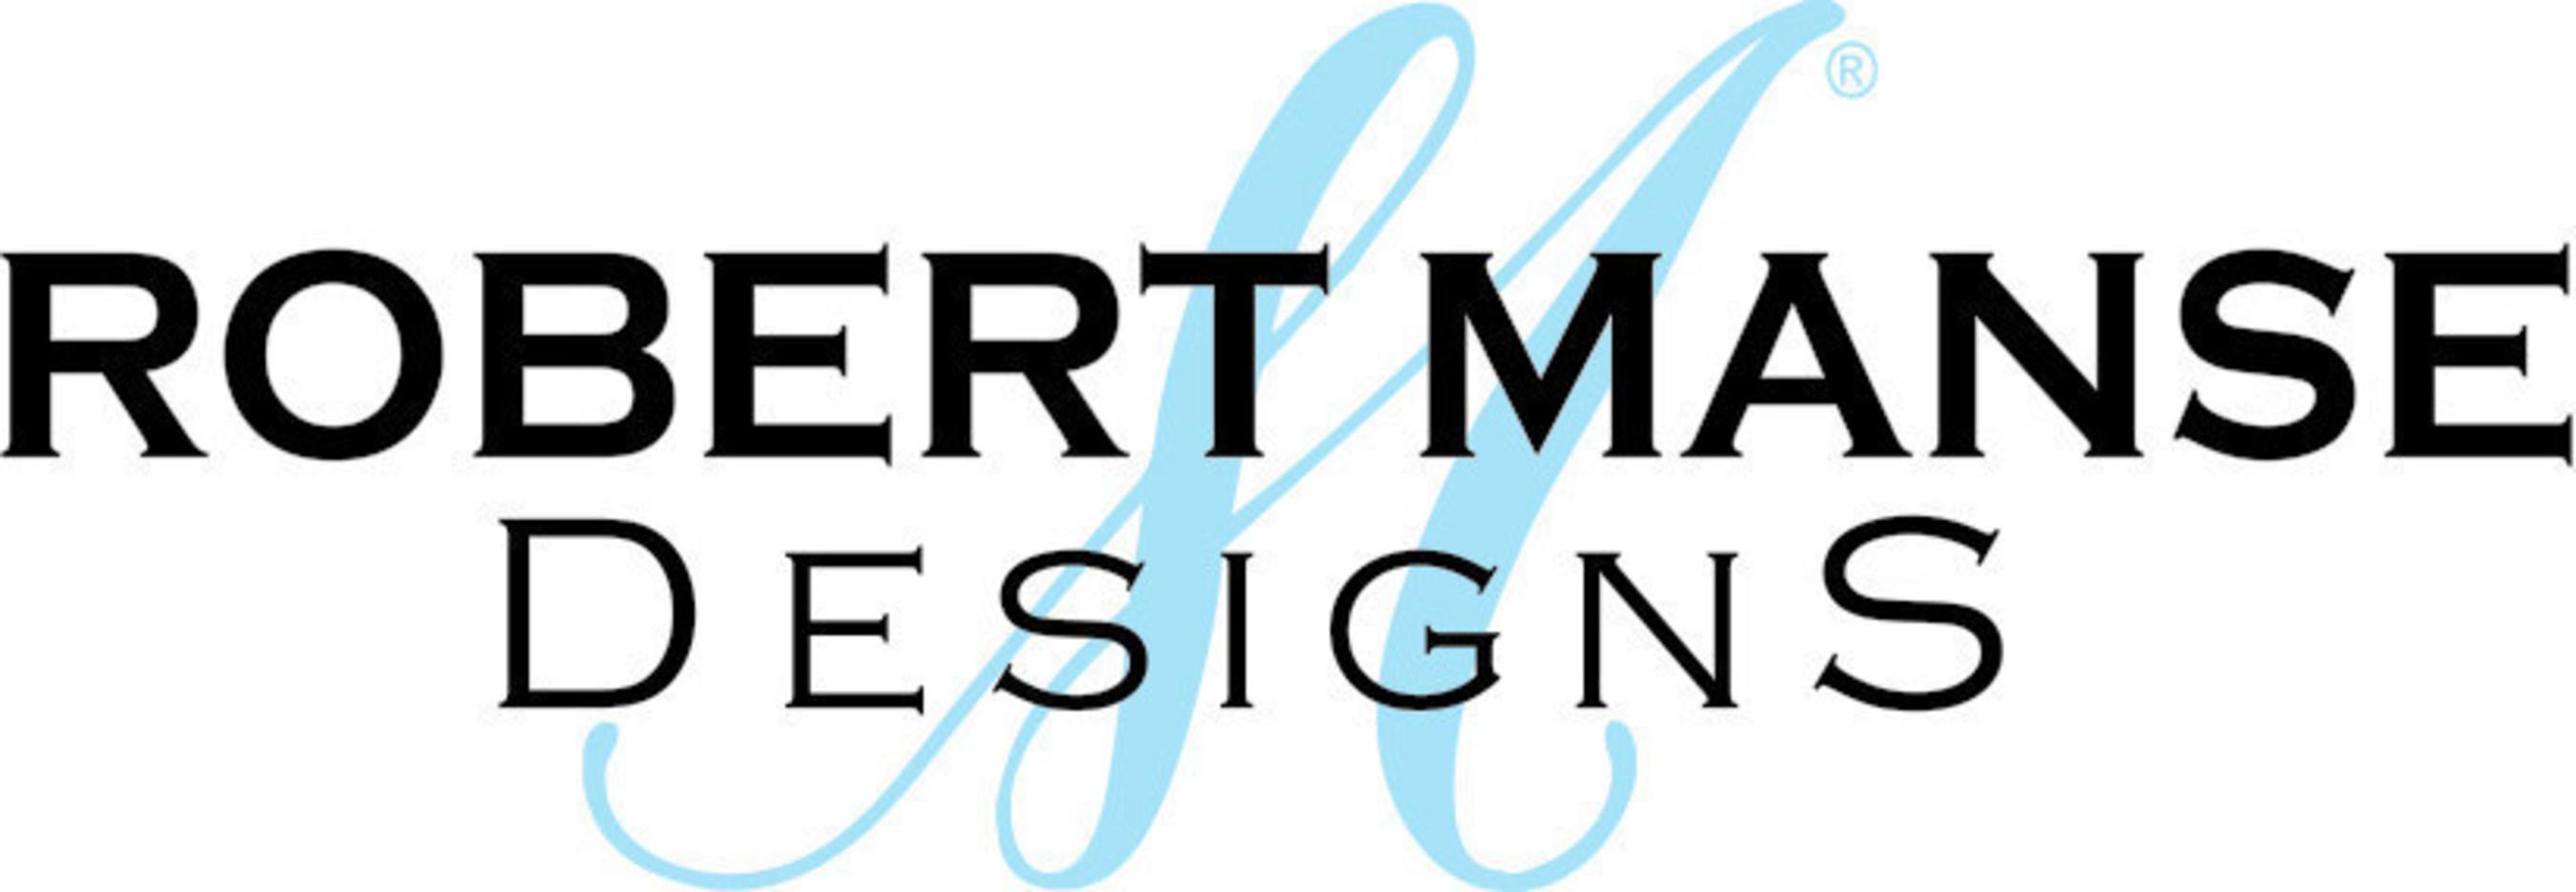 Robert Manse Designs